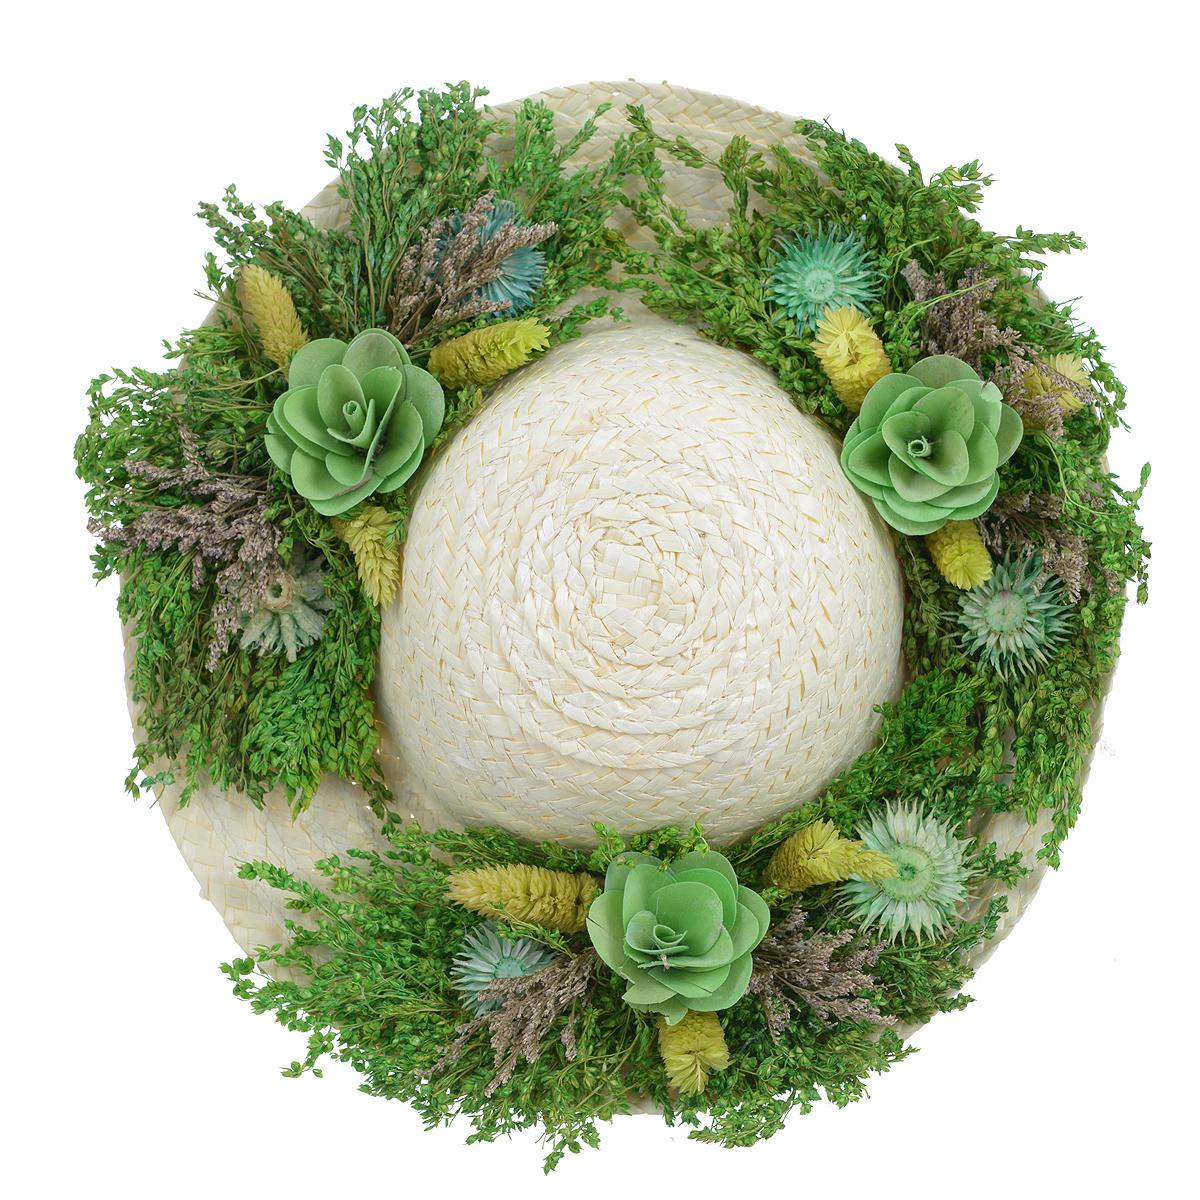 Декоративное настенное украшение Lillo Шляпа с цветами, цвет: светло-бежевый, зеленыйAF 03127Декоративное подвесное украшение Lillo Шляпа выполнено из натуральной соломы и украшено сухоцветами. Такая шляпа станет изящным элементом декора в вашем доме. С задней стороны расположена петелька для подвешивания. Такое украшение не только подчеркнет ваш изысканный вкус, но и прекрасным подарком, который обязательно порадует получателя. Диаметр шляпы: 29 х 29 х 7,5 см.